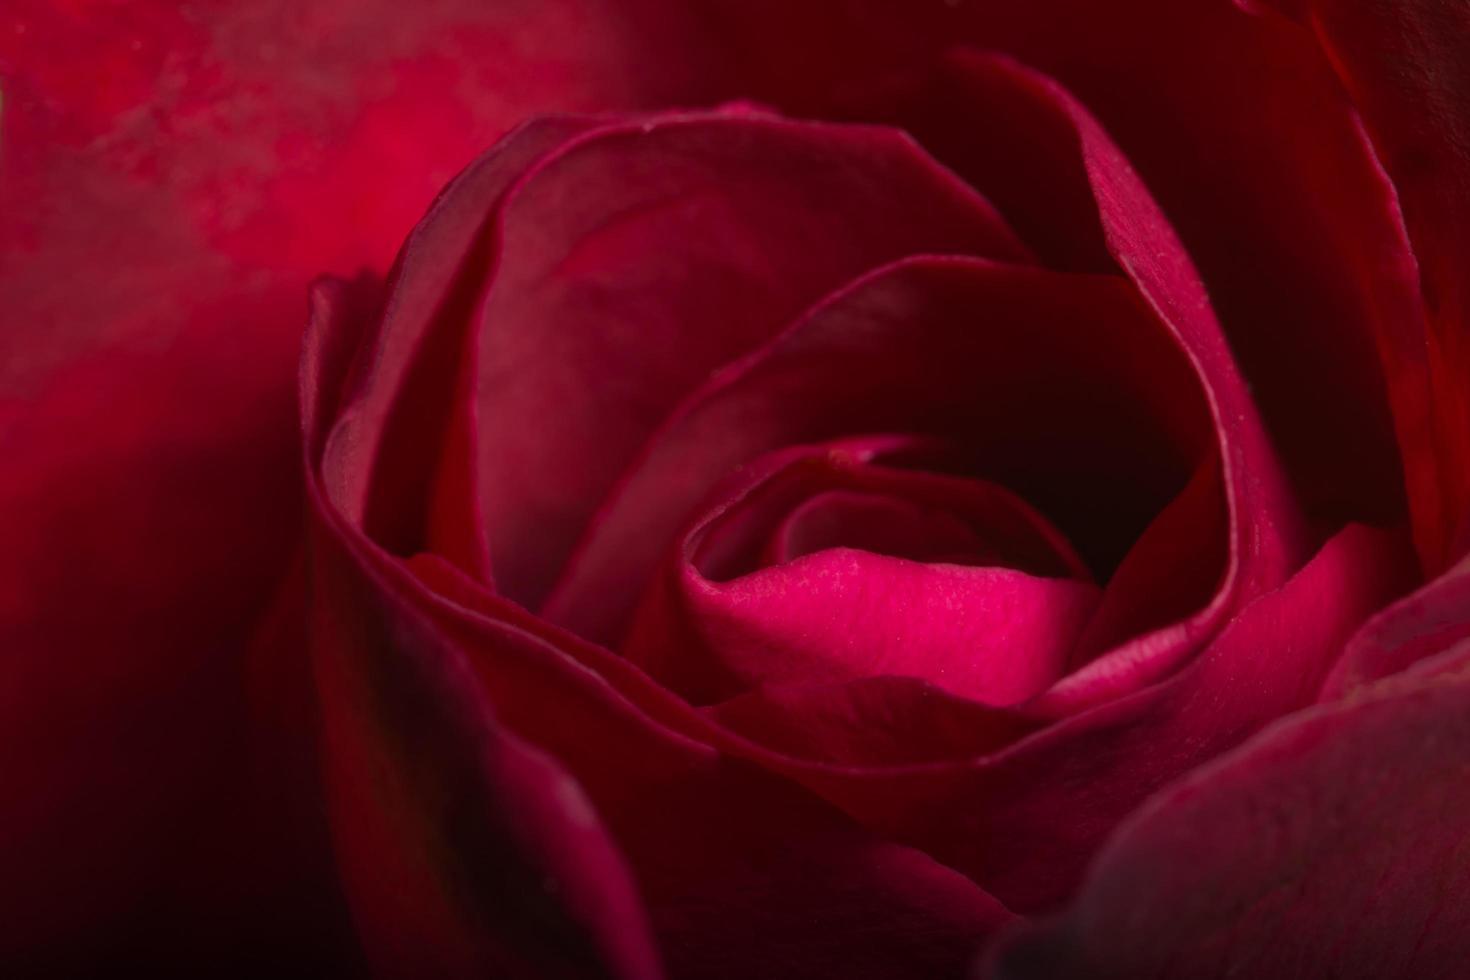 mooie rode rozen close-up foto